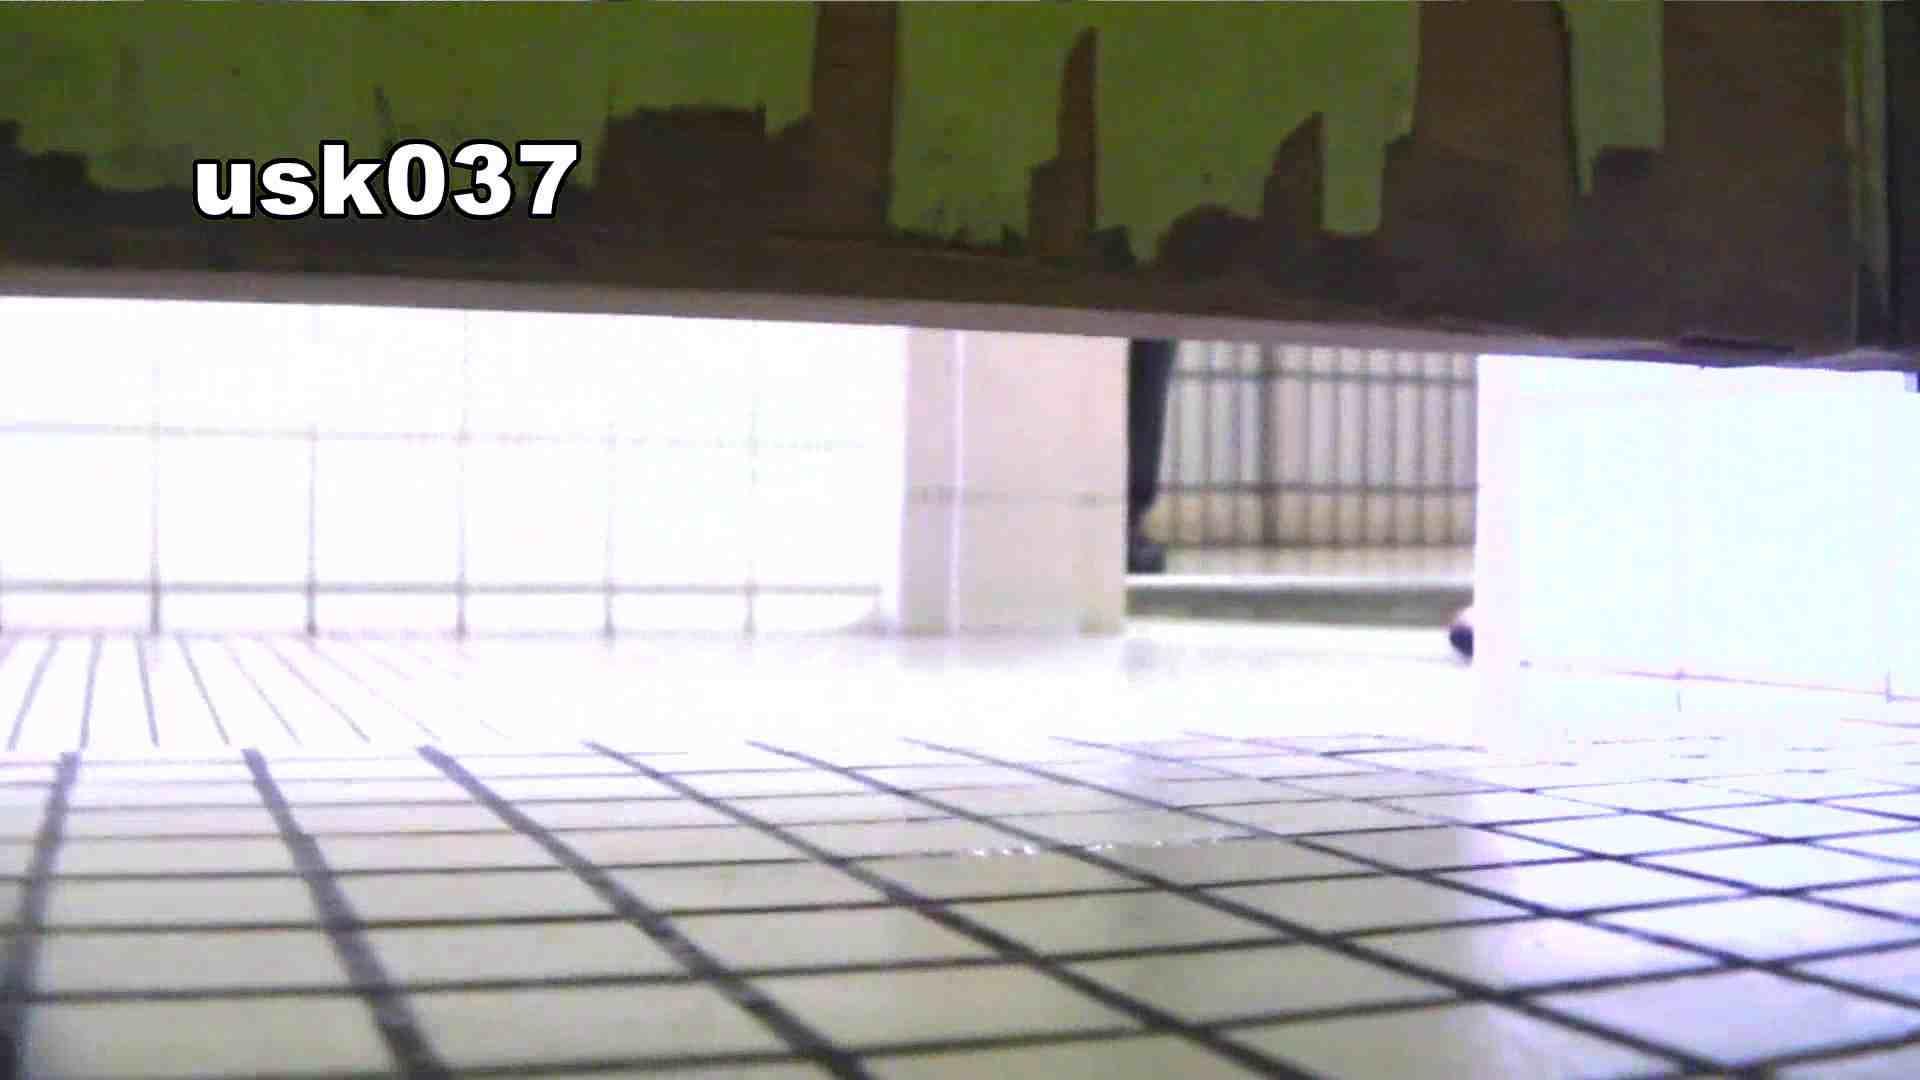 【美しき個室な世界】 vol.037 ひねり出す様子(フトイです) 高画質動画   洗面所シーン  39画像 37